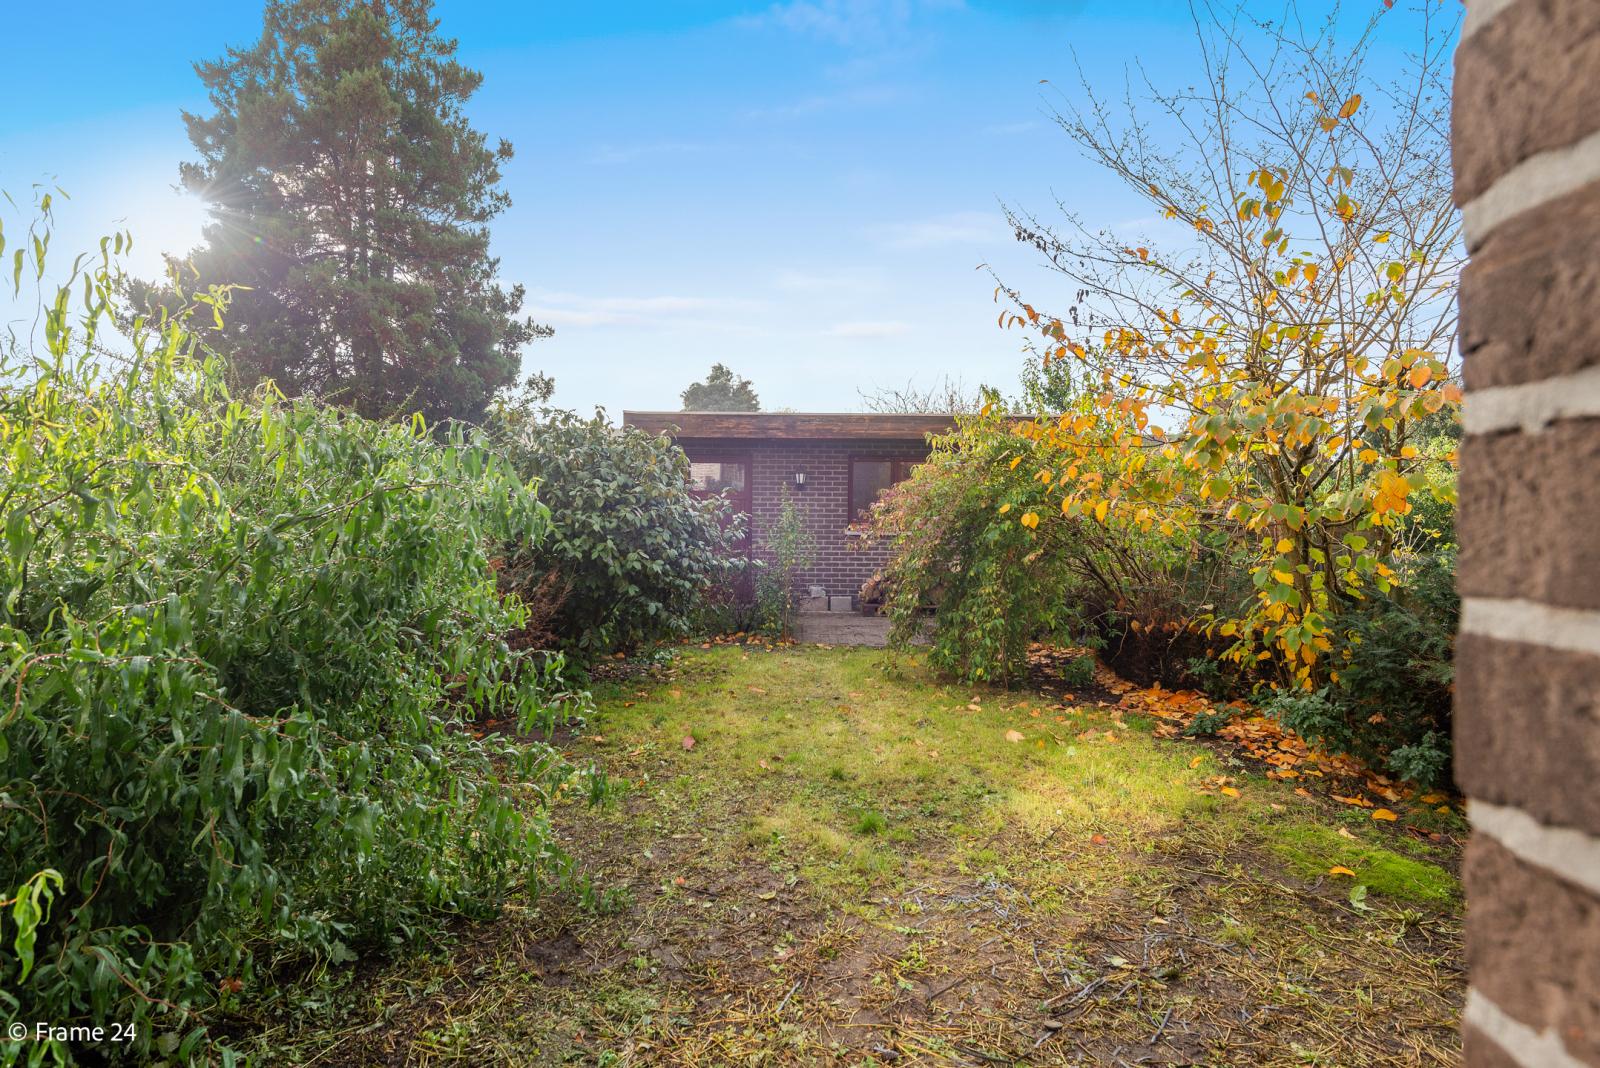 Verzorgde bel-étage met 3 slaapkamers, tuin en garage nabij centrum Wijnegem gelegen. afbeelding 21